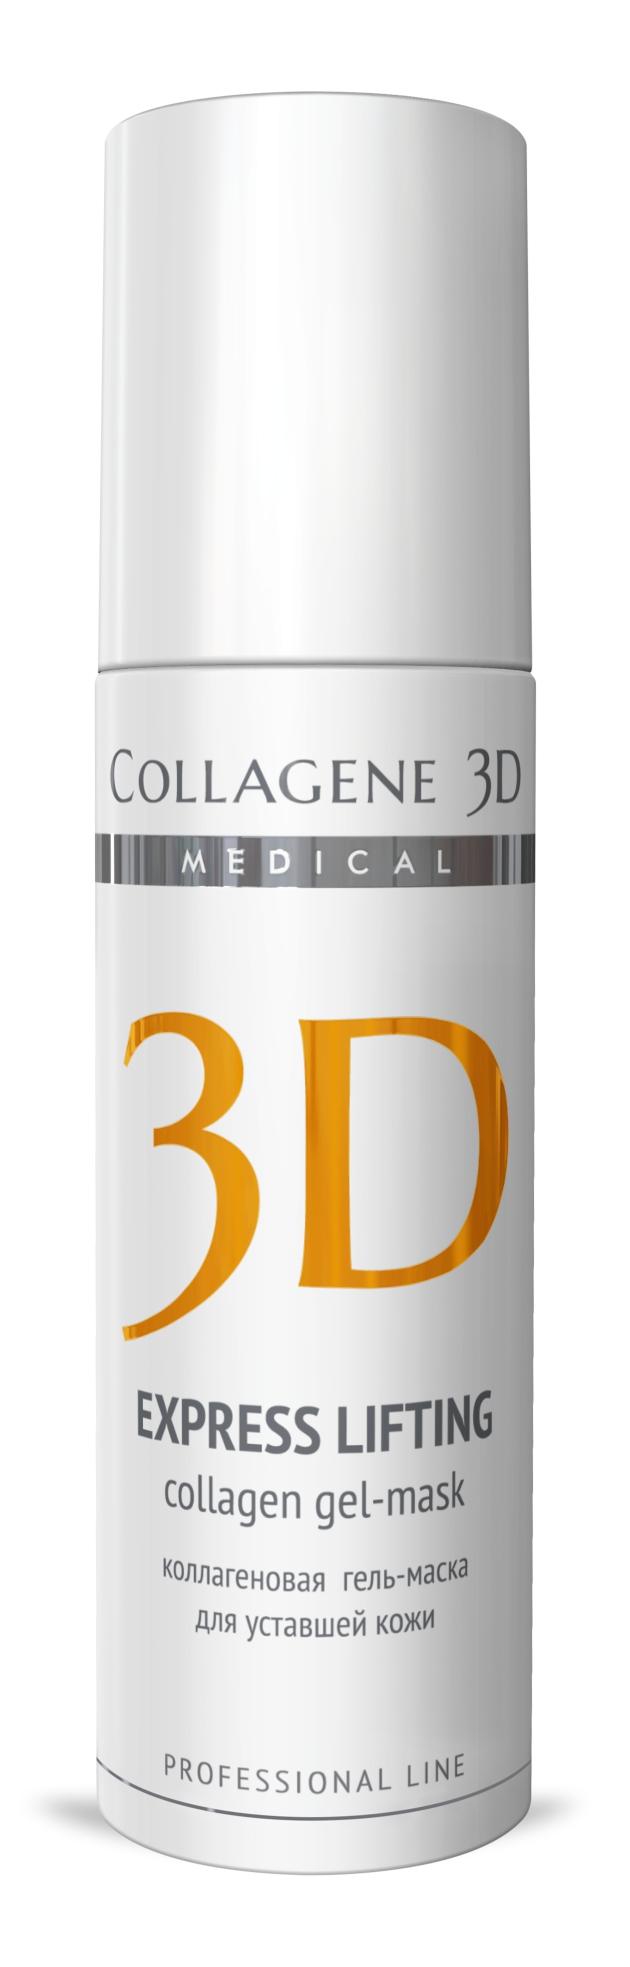 MEDICAL COLLAGENE 3D Гель-маска коллагеновая с янтарной кислотой Express Lifting 130мл проф.Маски<br>Гель-маска подходит для проведения самостоятельной процедуры, а также сочетается с аппаратными методиками, может применяться в качестве концентрата под альгинатную маску или обертывания. Янтарная кислота, входящая в состав гель-маски, является мощным антиоксидантом, улучшает энергообмен в клетках и микроциркуляцию в тканях кожи, мягко осветляет. Нативный трехспиральный коллаген способствует разглаживанию морщин, стимулирует процессы обновления. Активные ингредиенты: нативный трехспиральный коллаген, янтарная кислота. Способ применения: косметическая маска: очистить кожу косметическим молочком MILKY FRESH и тонизировать фитотоником NATURAL FRESH. Сделать пилинг, если потребуется. Нанести гель-маску на кожу тонким слоем. Сразу после того, как гель впитается, увлажнить кожу водой и поверх первого слоя нанести второй слой гель-маски. Время экспликации 5-15 минут (в зависимости от степени влажности помещения и особенностей кожи клиента, гель-маска может впитываться очень быстро). Если после полного поглощения кожей гель-маски останется чувство стянутости, следует удалить остатки микрослоя гель-маски при помощи фитотоника NATURAL FRESH. Нанести средство ухода за кожей век и крем MEDICAL COLLAGENE 3D по выбору косметолога.<br><br>Объем: 130<br>Назначение: Морщины